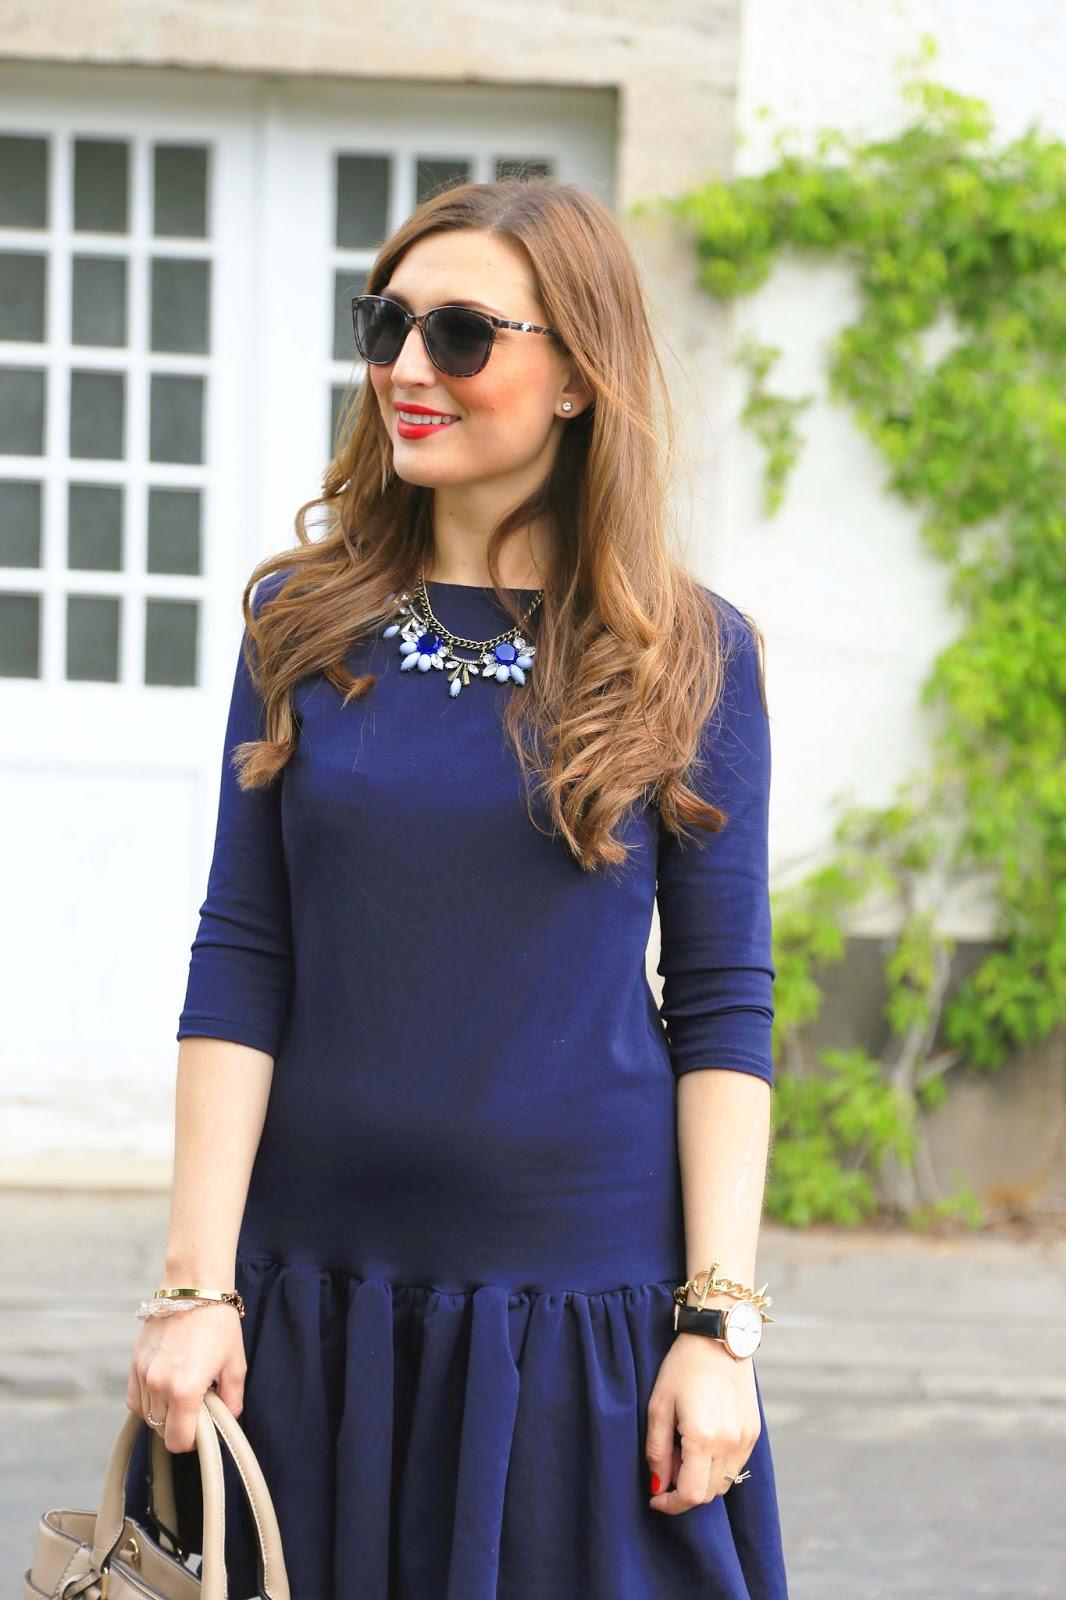 Blogger aus Frankfurt - Fashionstylebyjohanna im Kleid - Peplum Kleid - Schößchenkleid Blogger - Fashionstylebyjohanna - Zara Heels